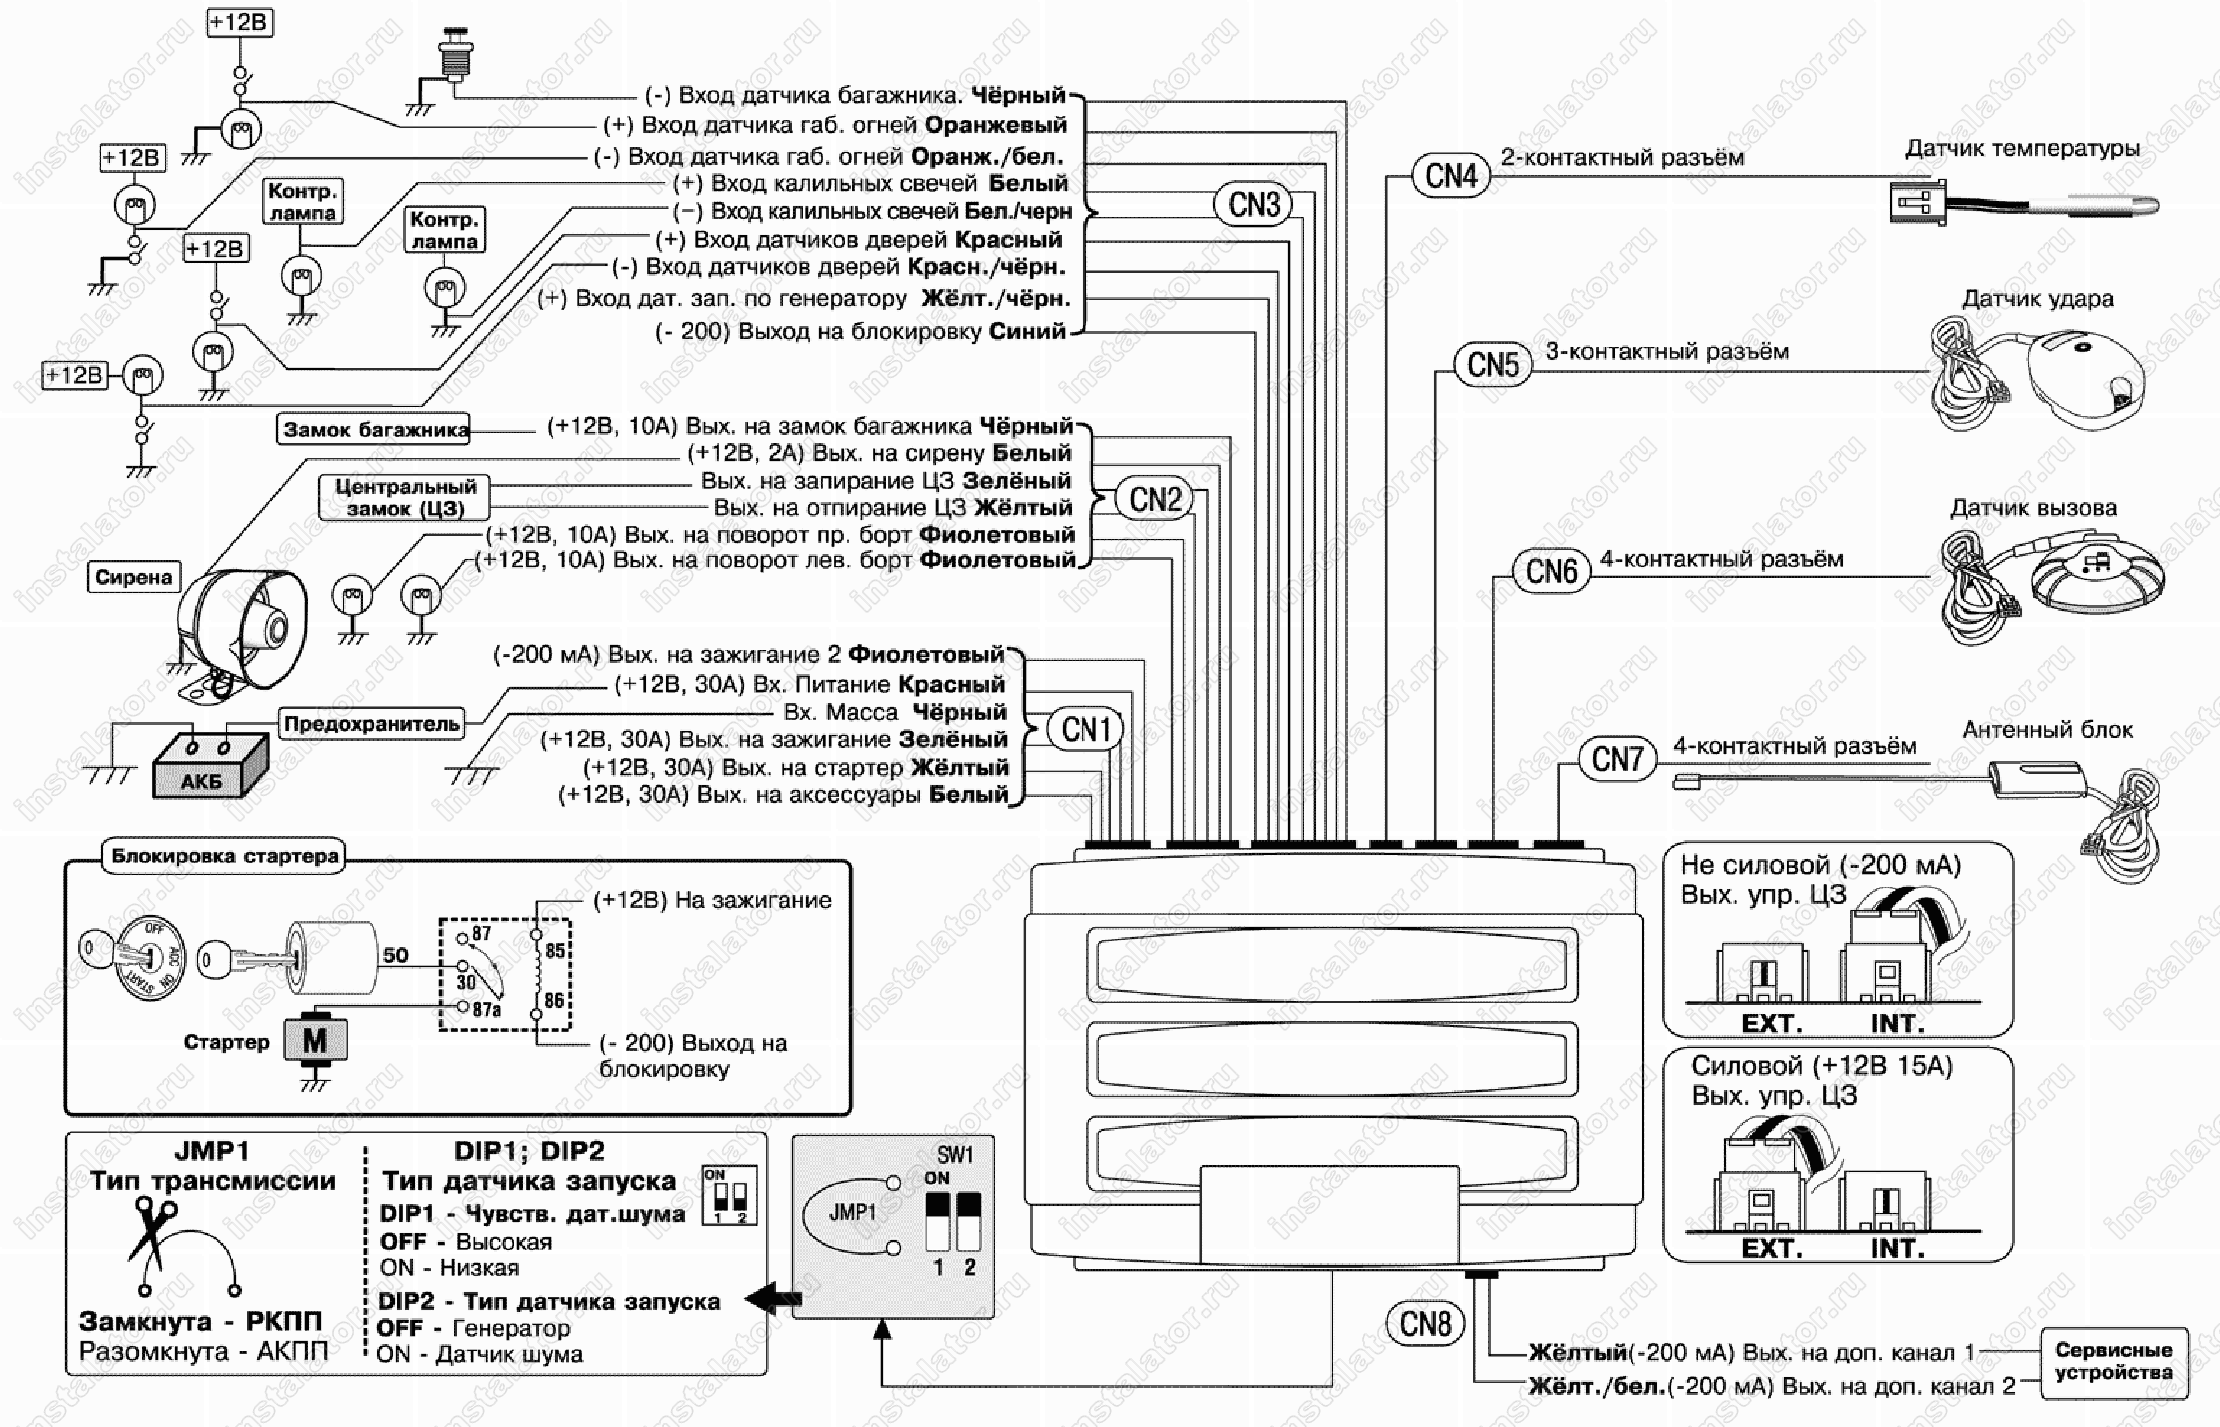 Авто Сигнализация Jvc Инструкция Схема